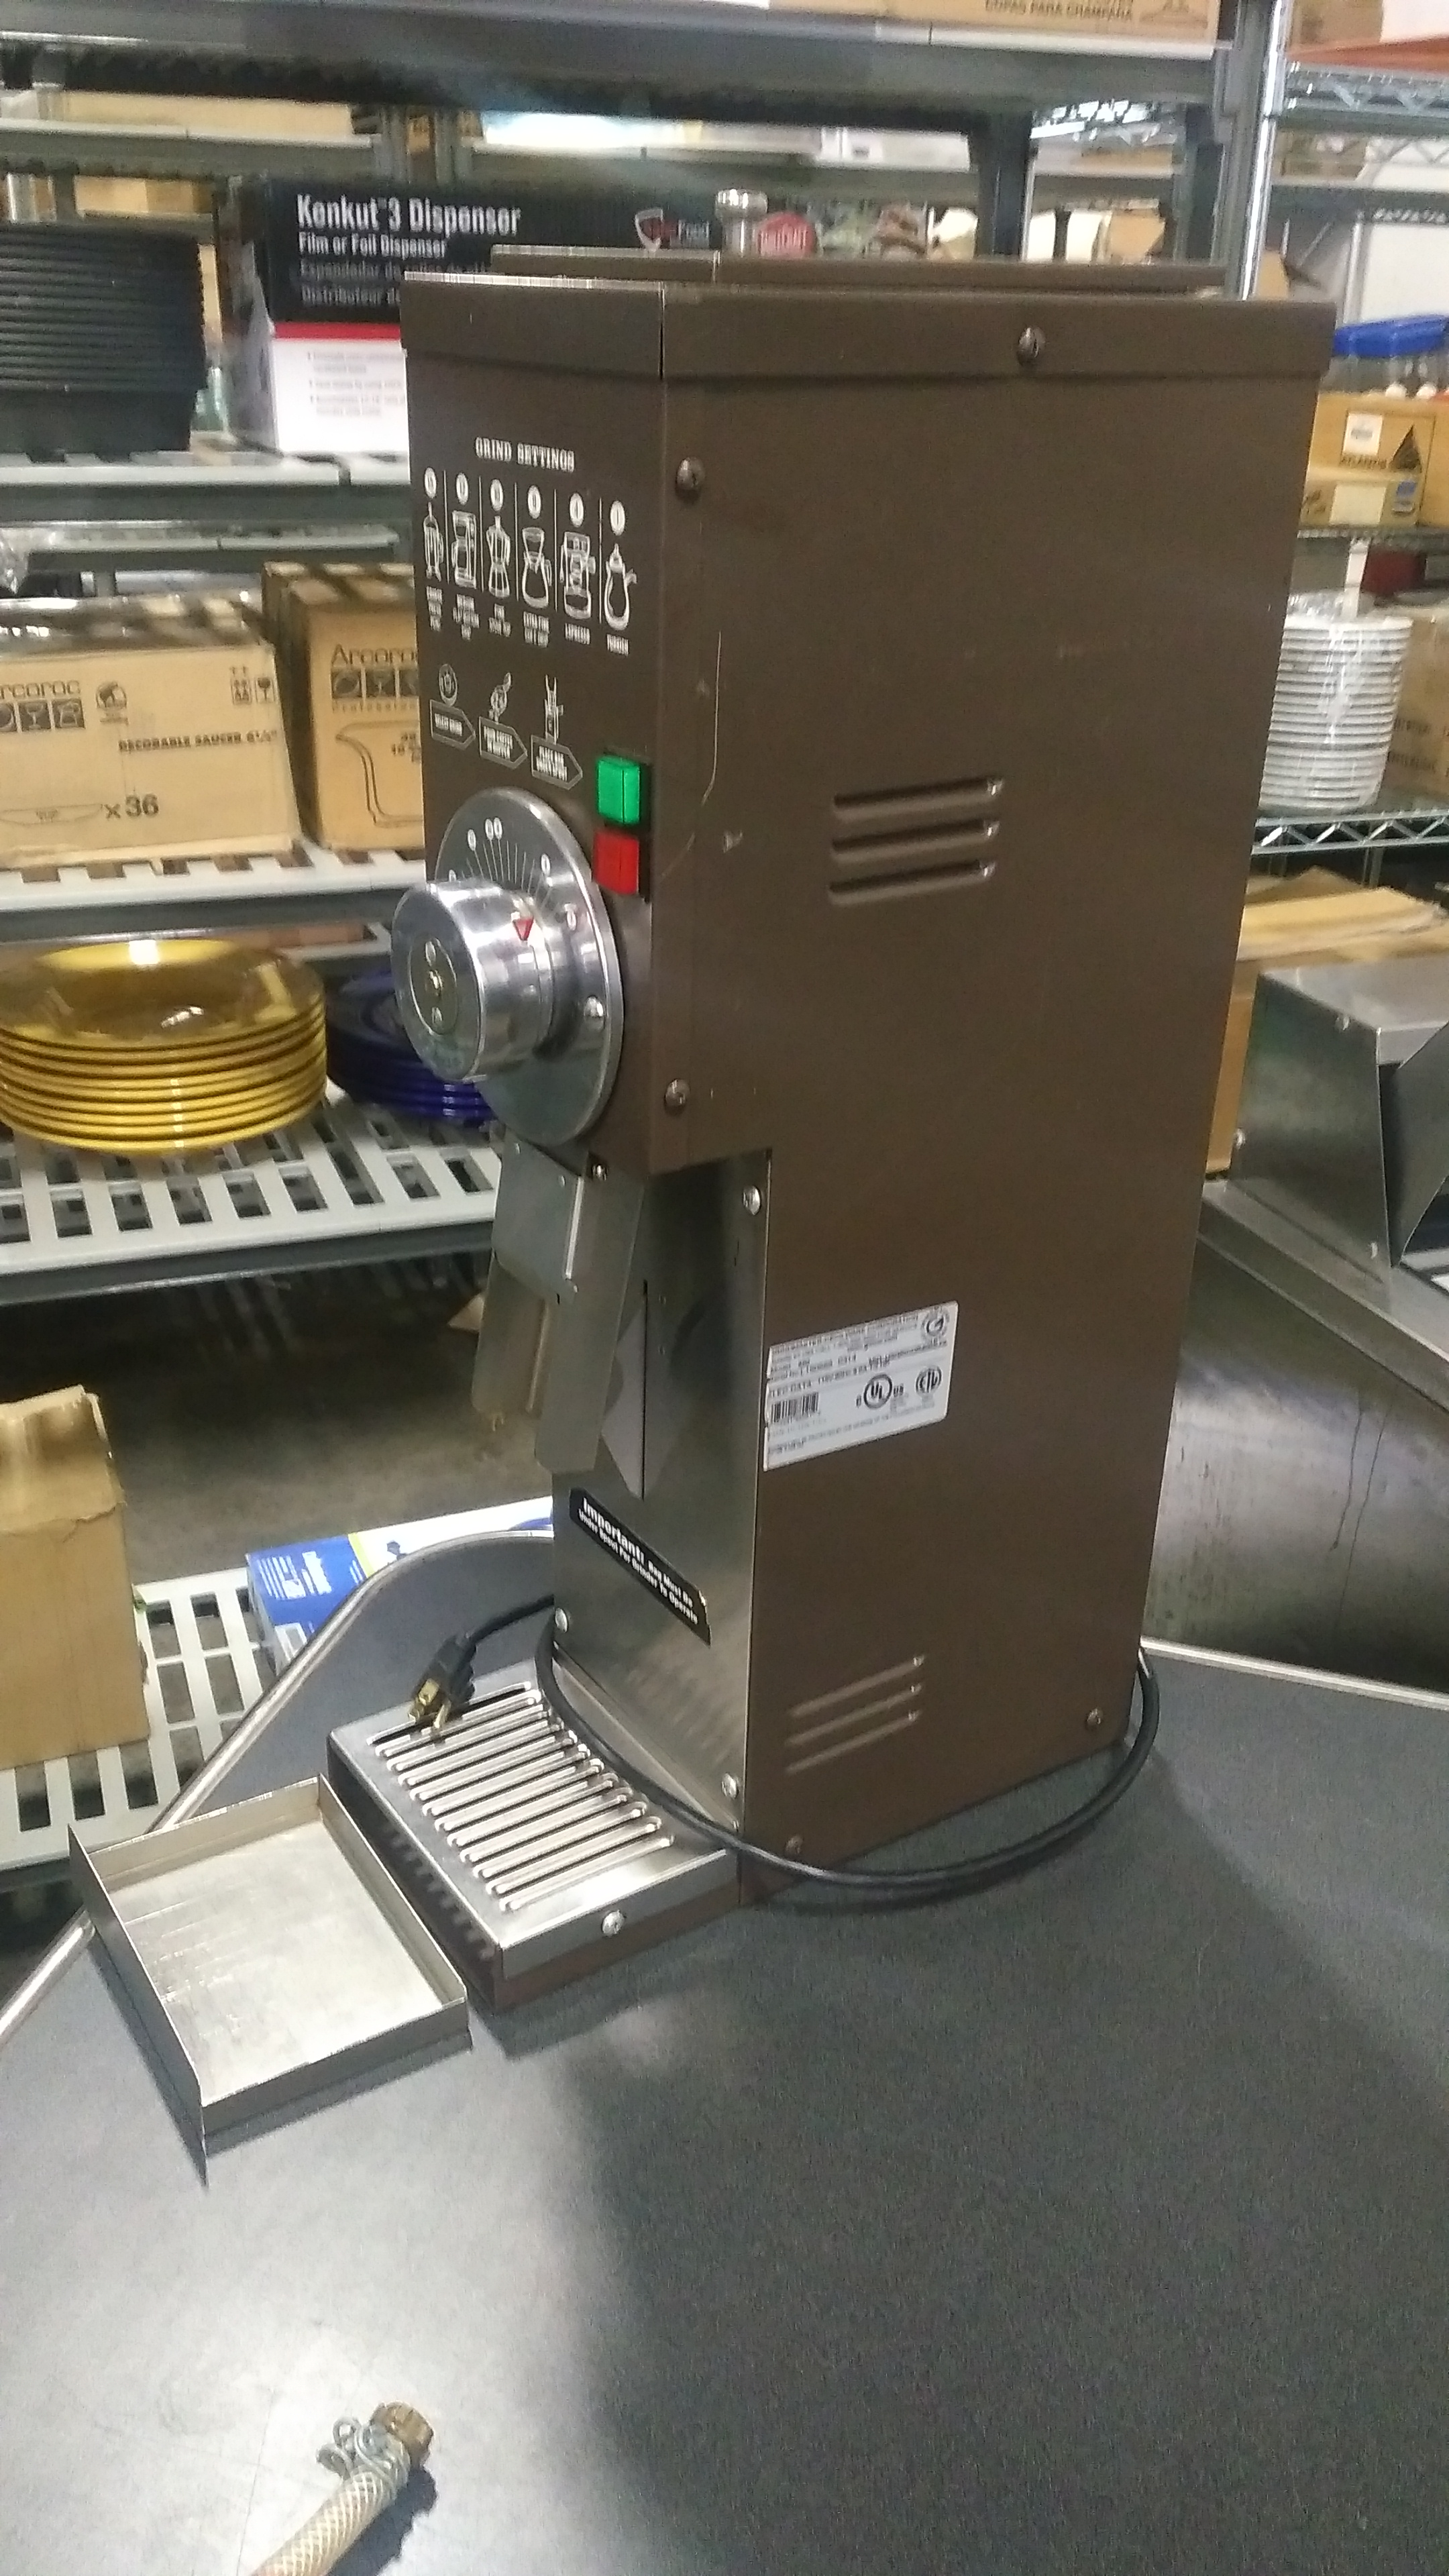 Lot 19 - Grindmaster 890 5lb Coffee Grinder 120v, tested/working